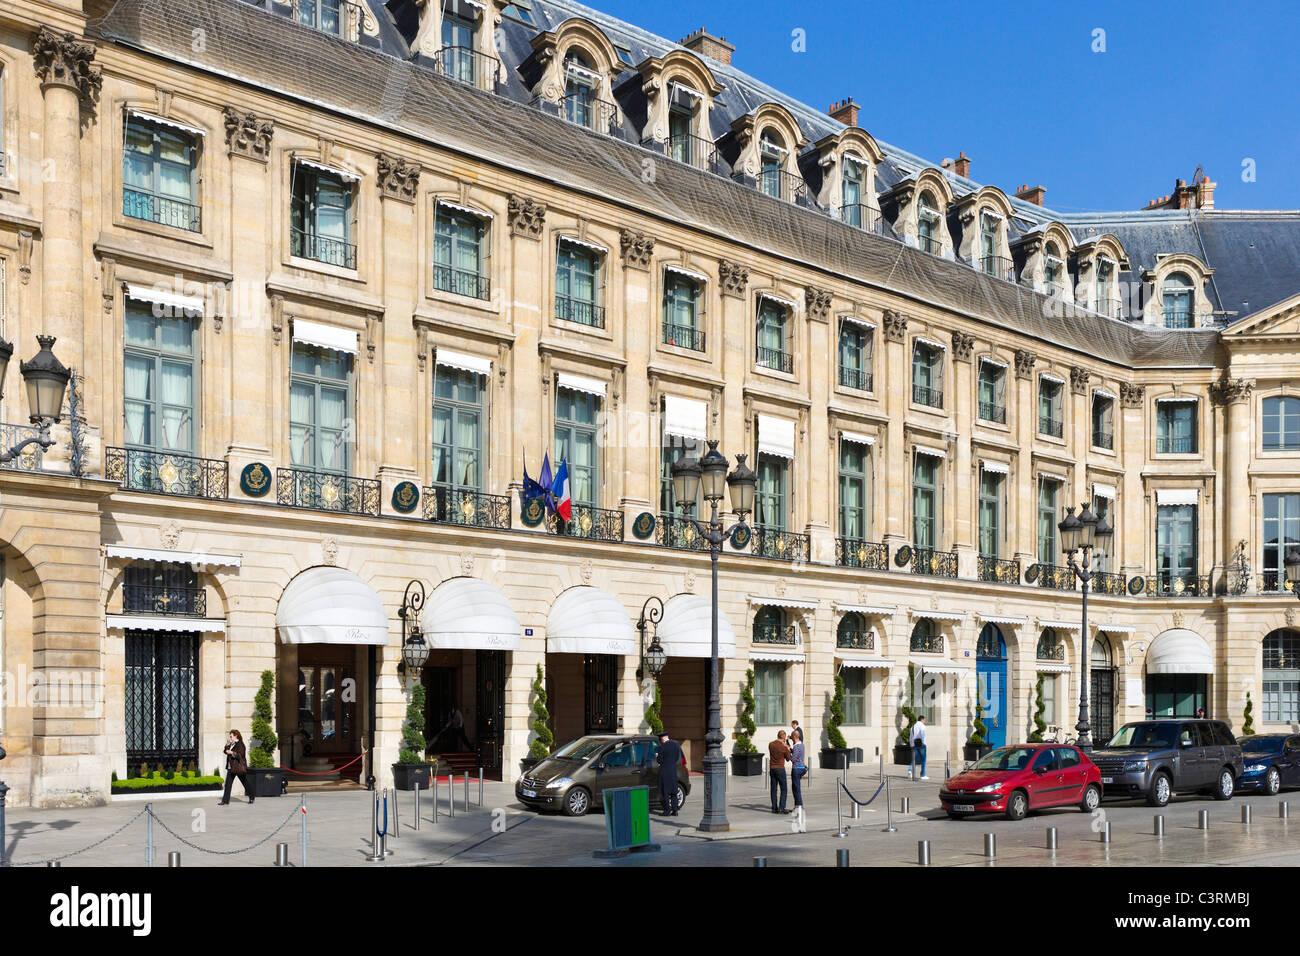 The Ritz Hotel Place Vendome Paris France Stock Photo